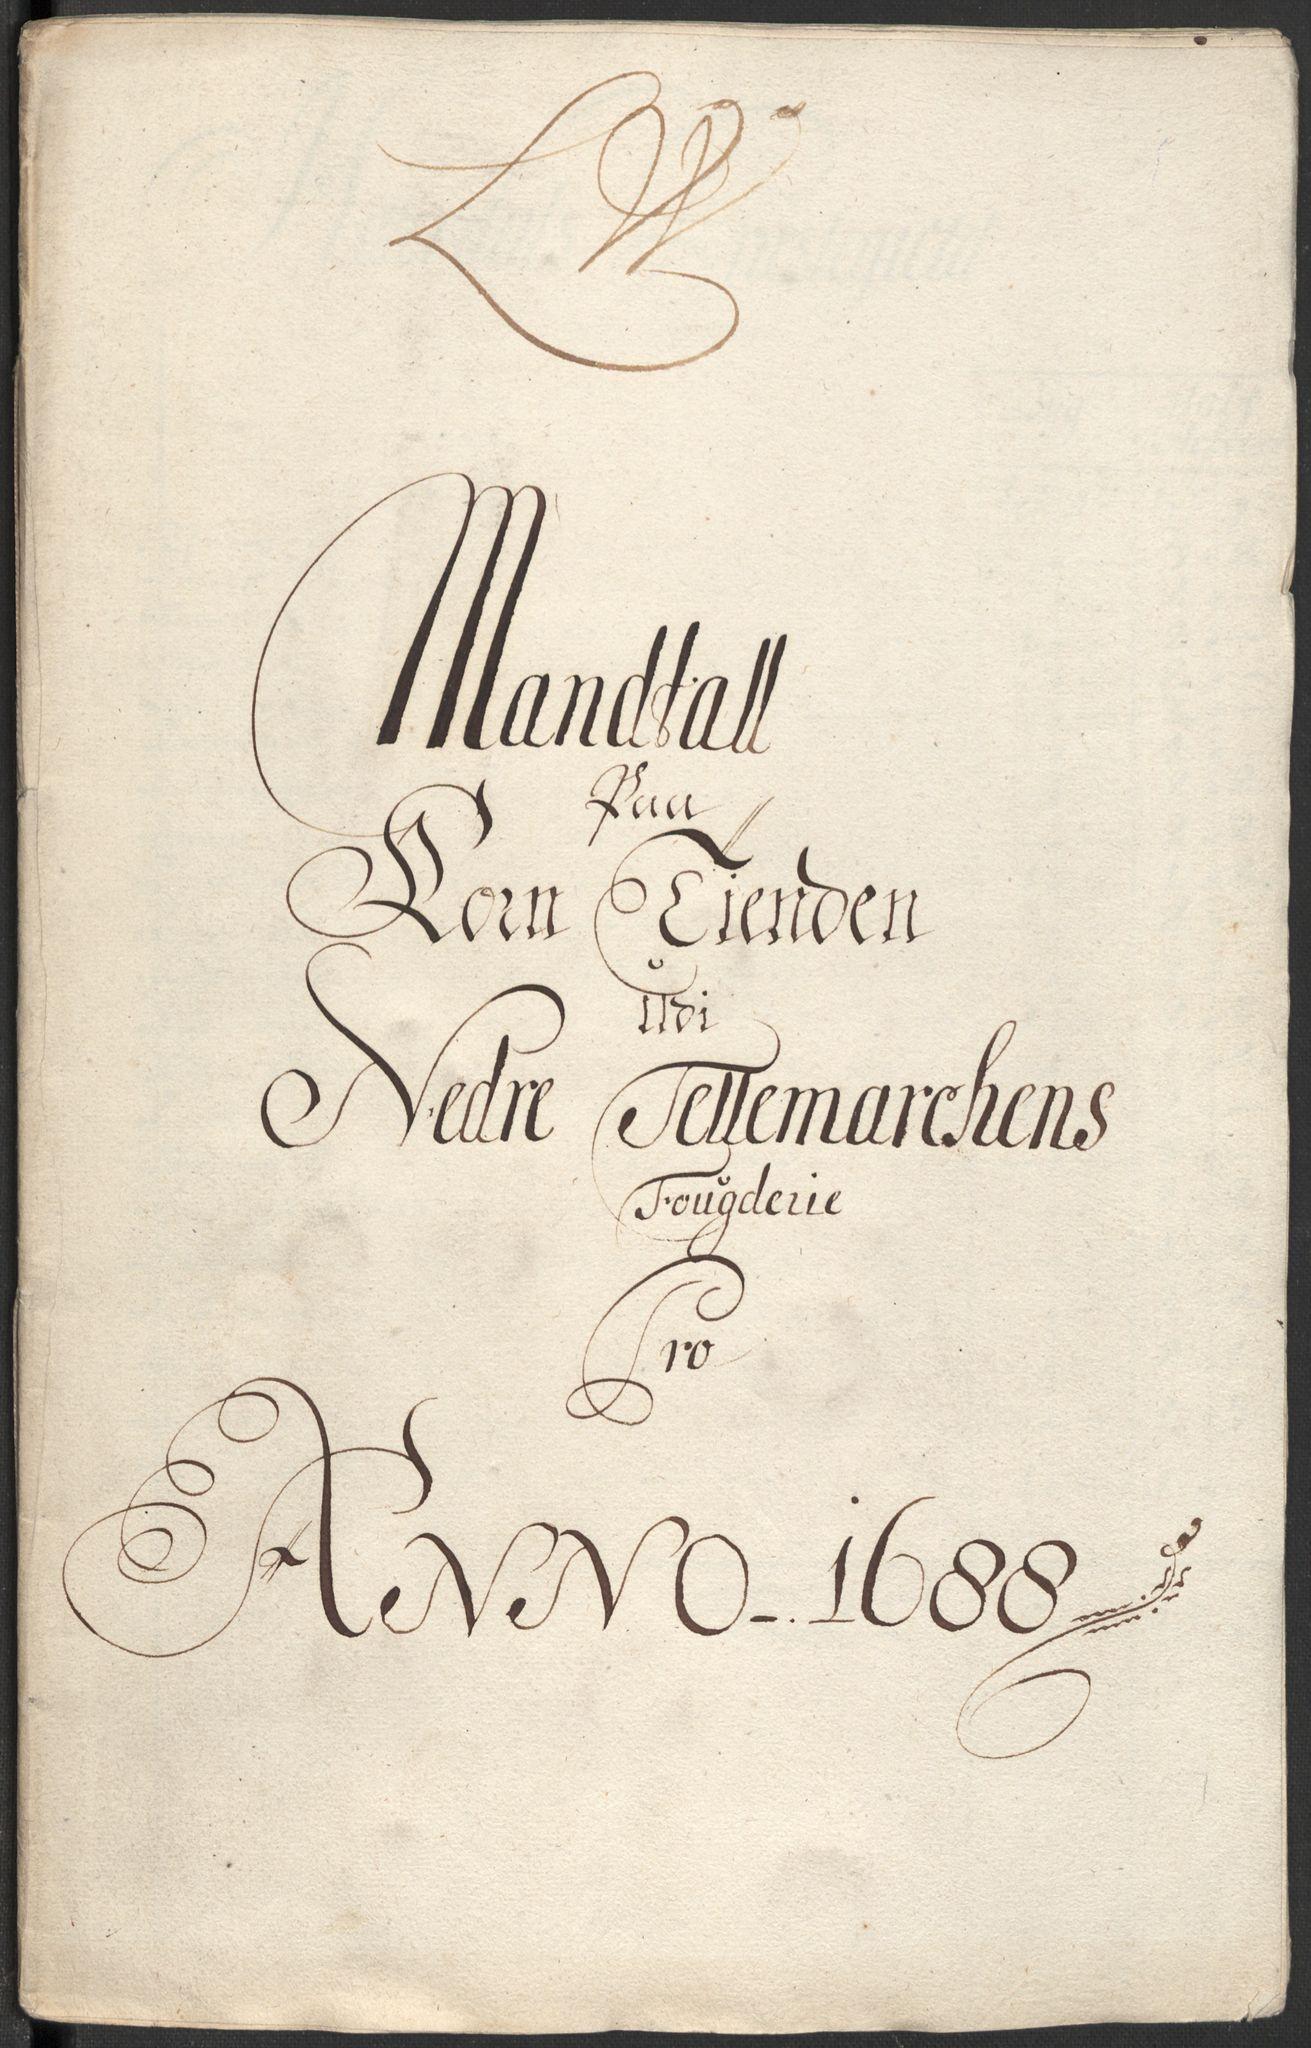 RA, Rentekammeret inntil 1814, Reviderte regnskaper, Fogderegnskap, R35/L2087: Fogderegnskap Øvre og Nedre Telemark, 1687-1689, s. 317